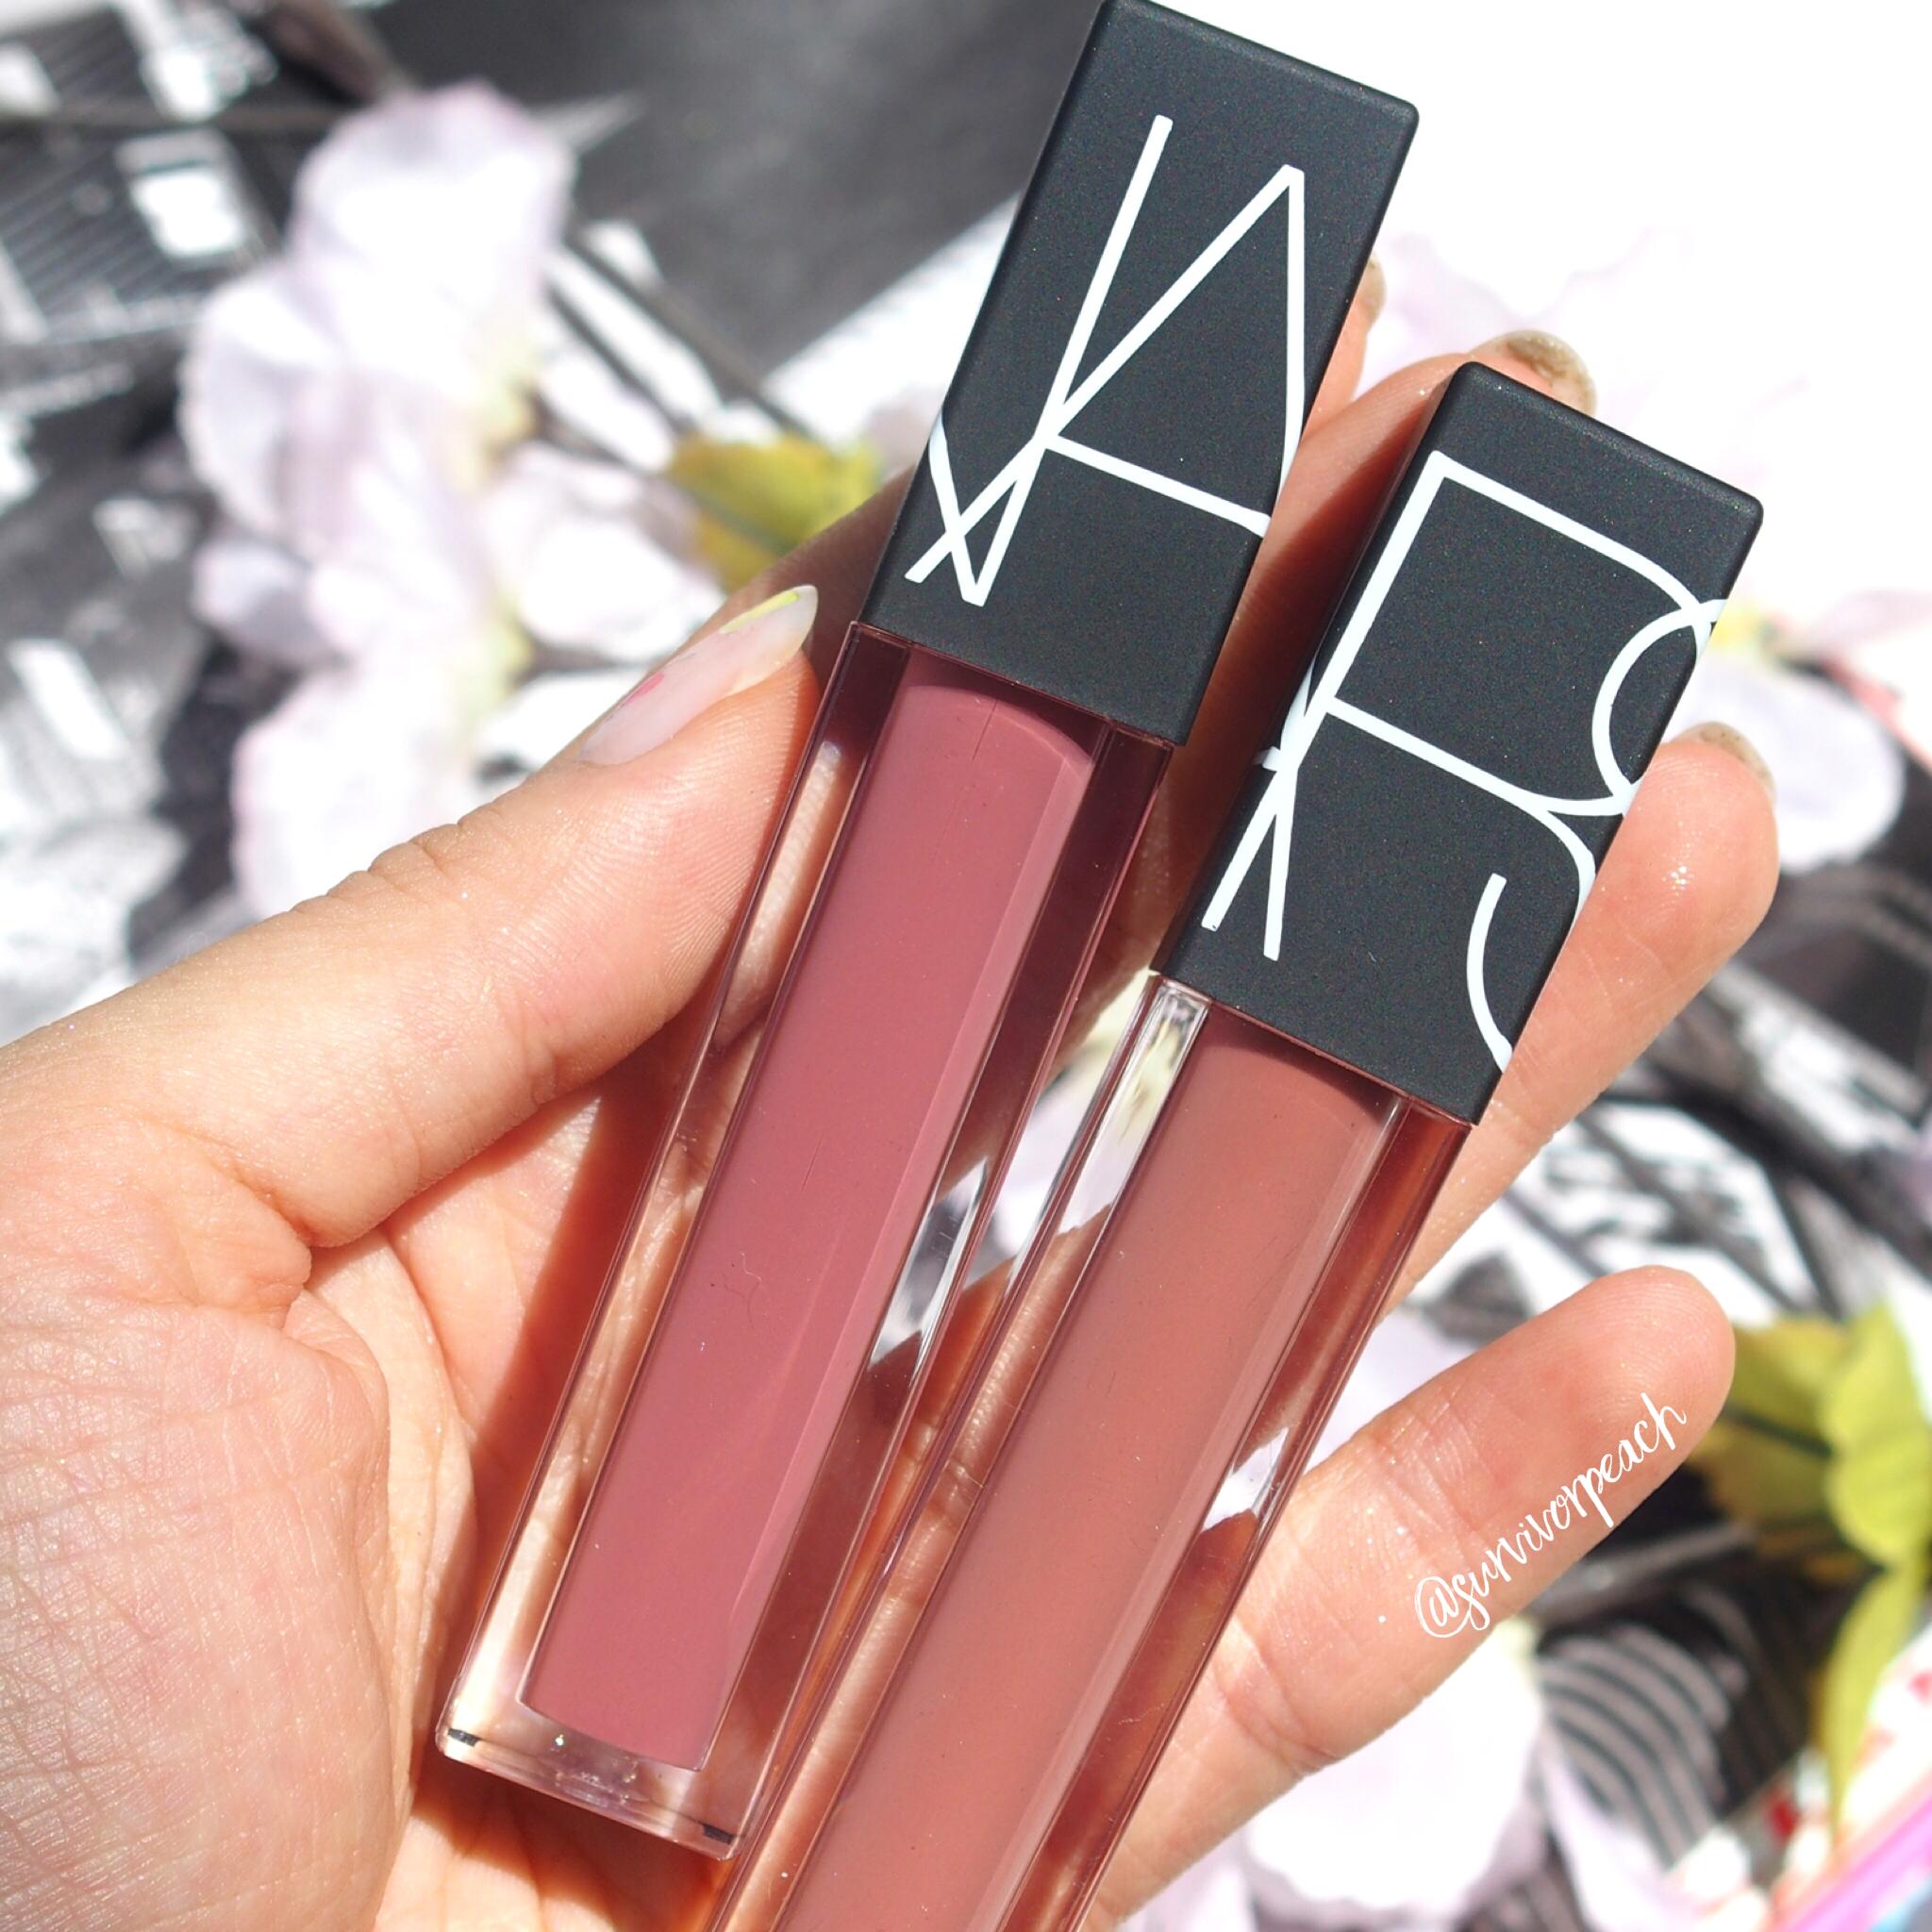 Nars Velvet Lip Glides in Xenon and Roseland